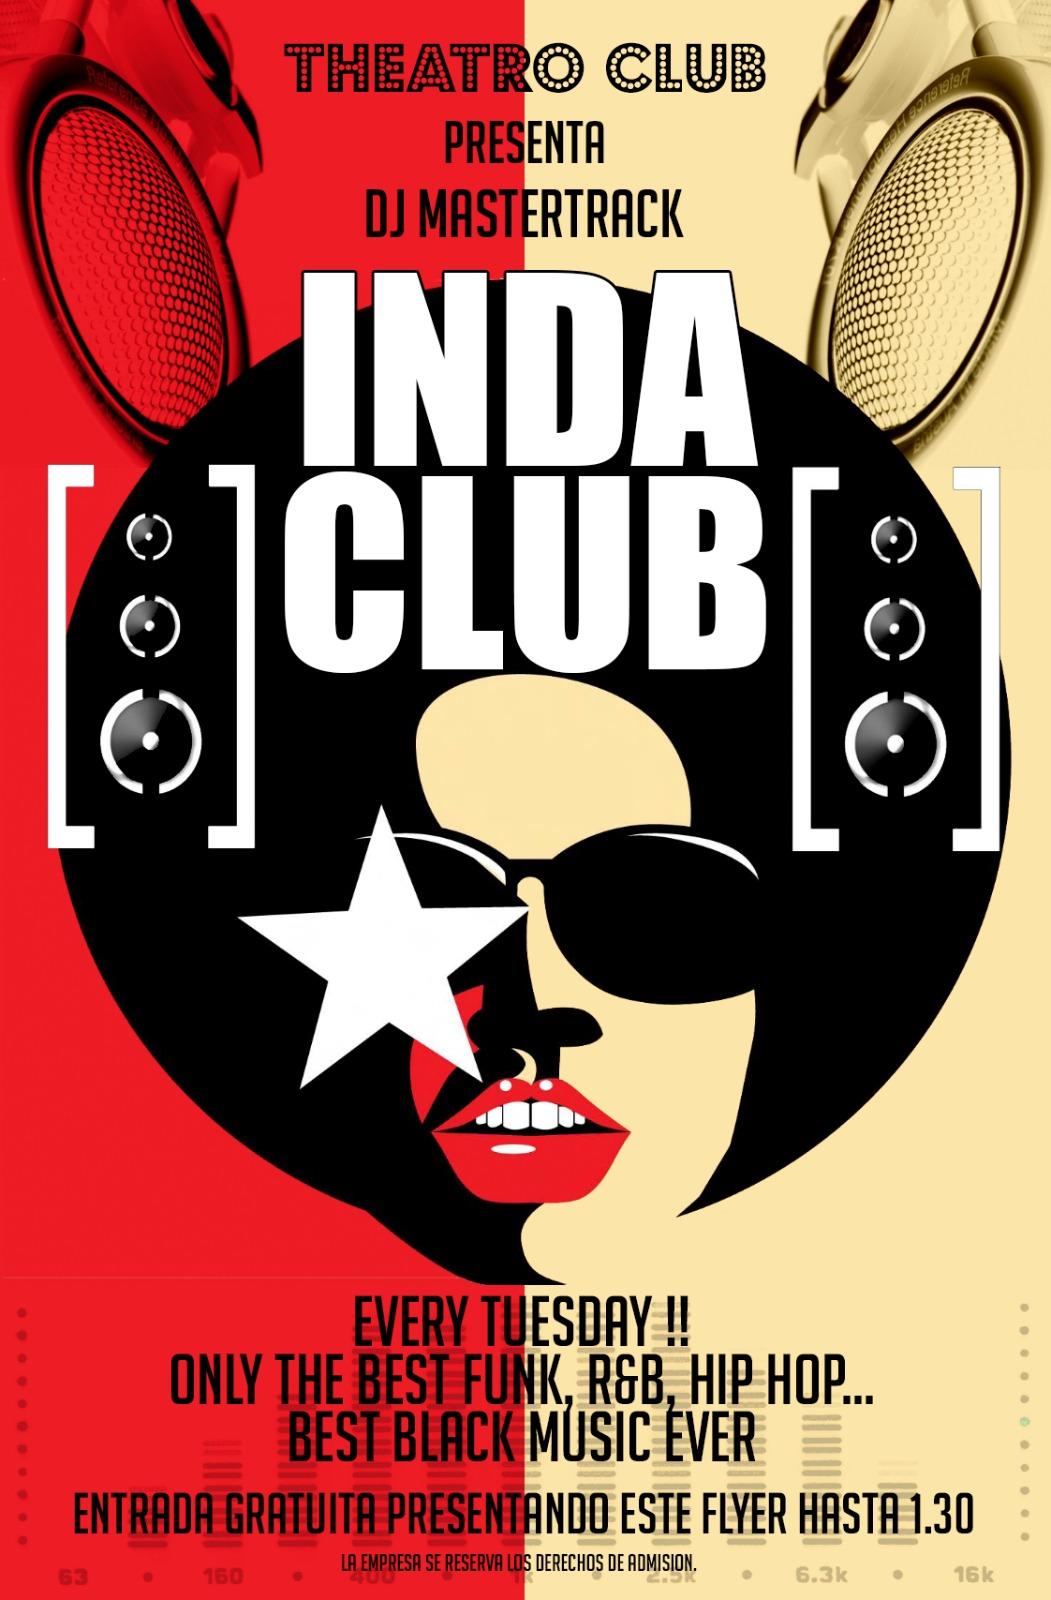 Inda Club - Club Theatro Club